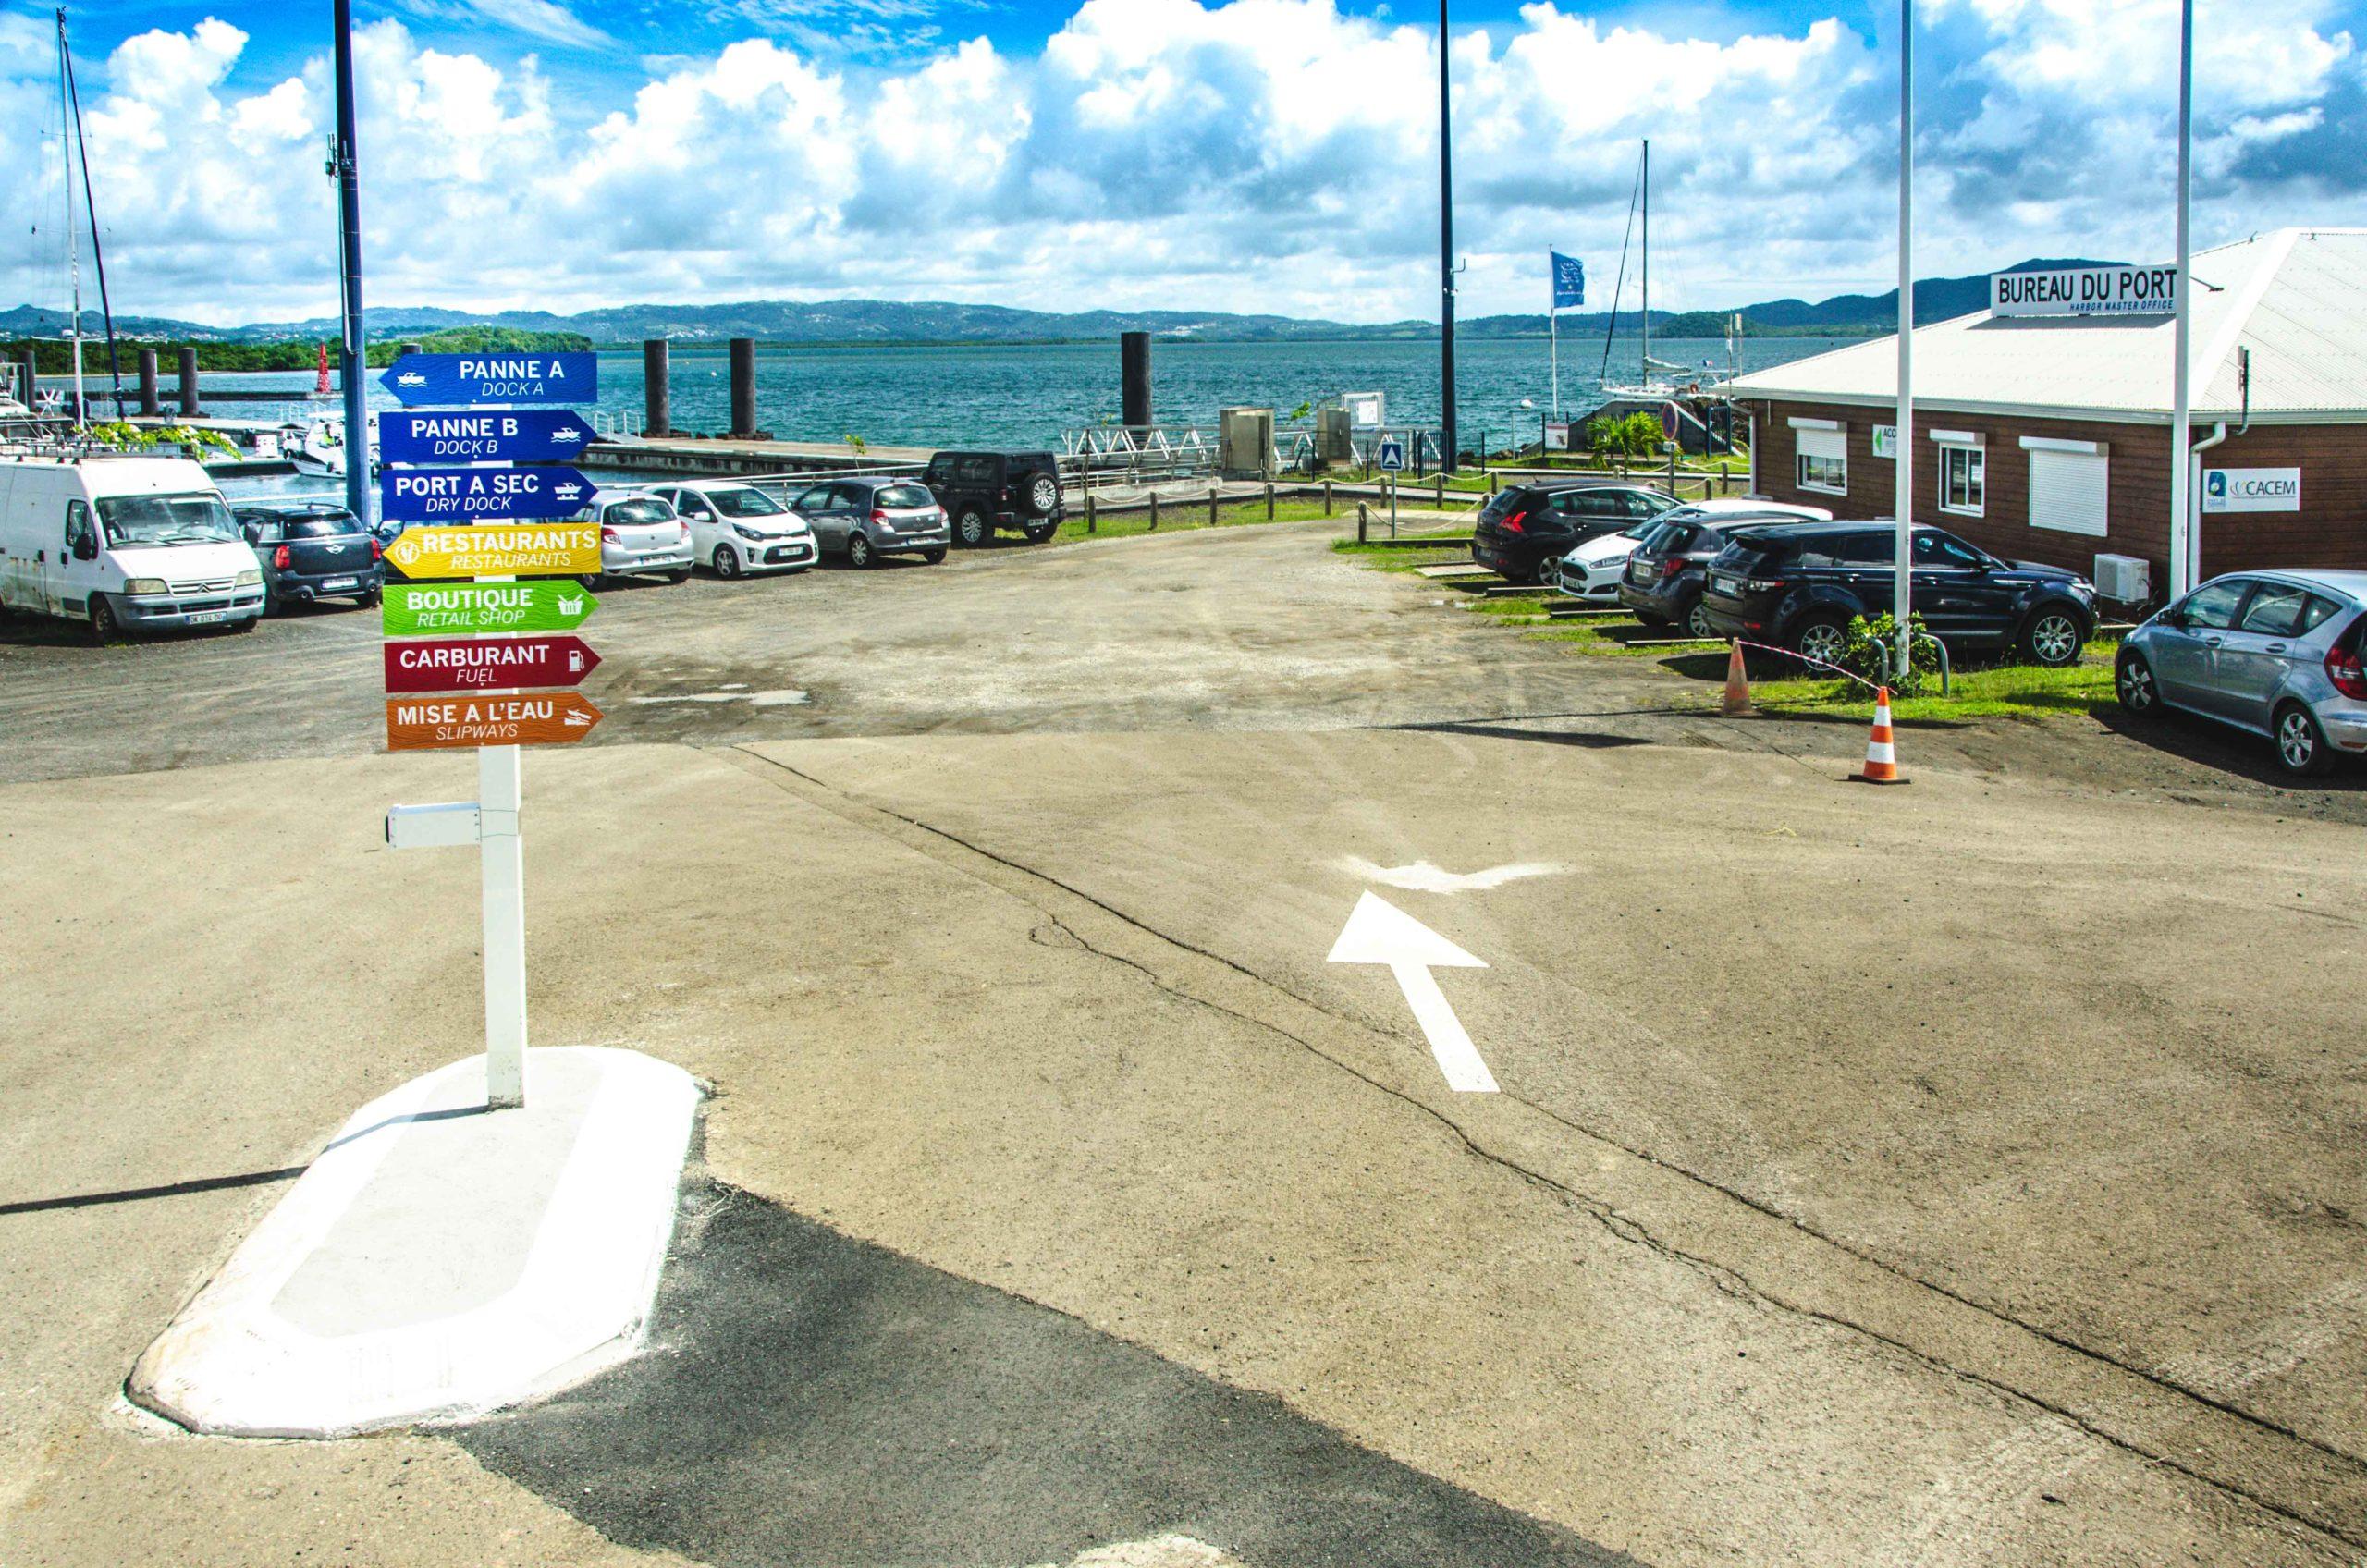 Port de plaisance- EZA